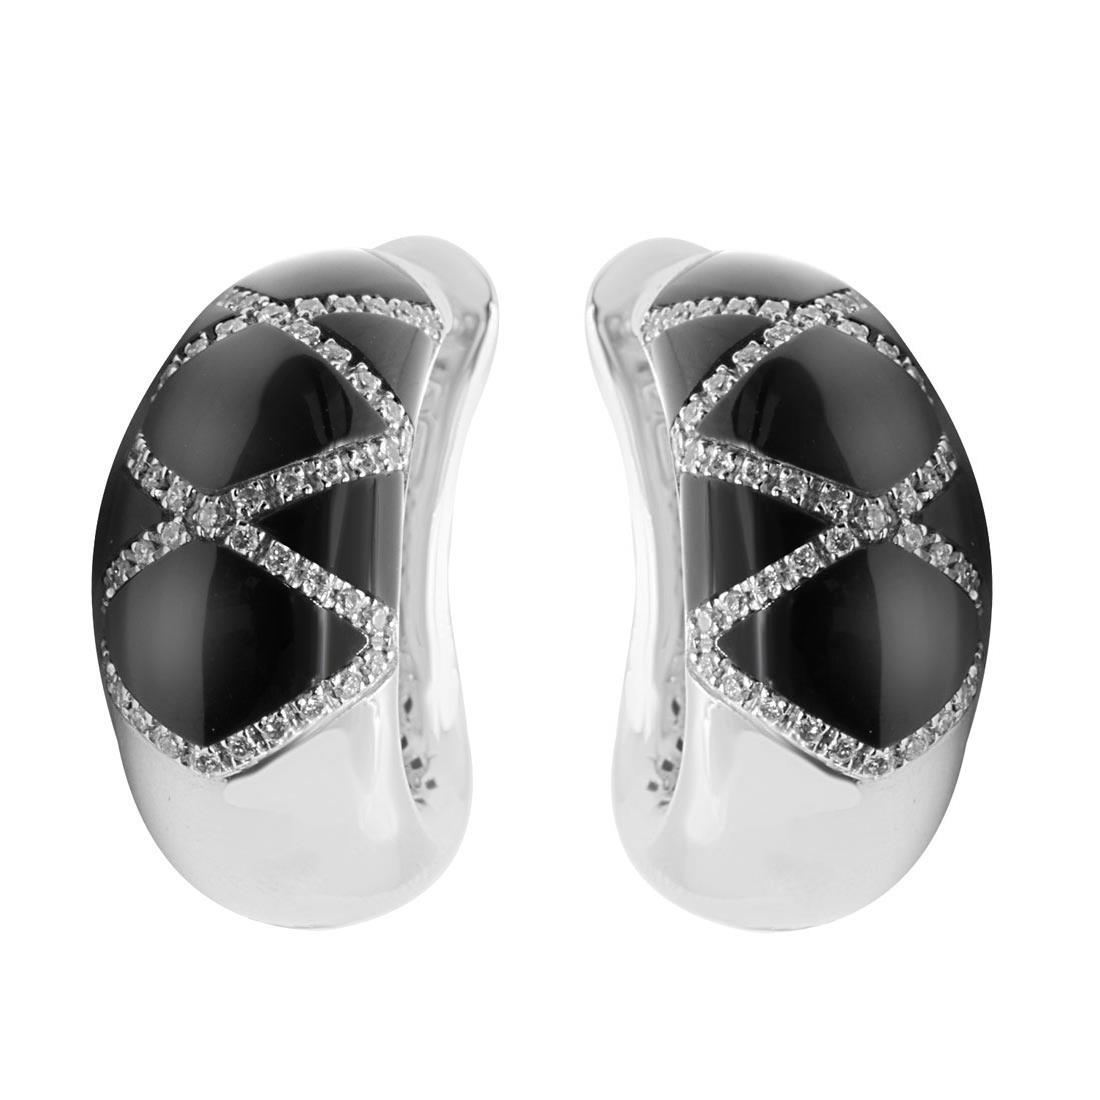 Orecchini Alfieri & St John in oro bianco con diamanti ct 0,55 - ALFIERI ST JOHN